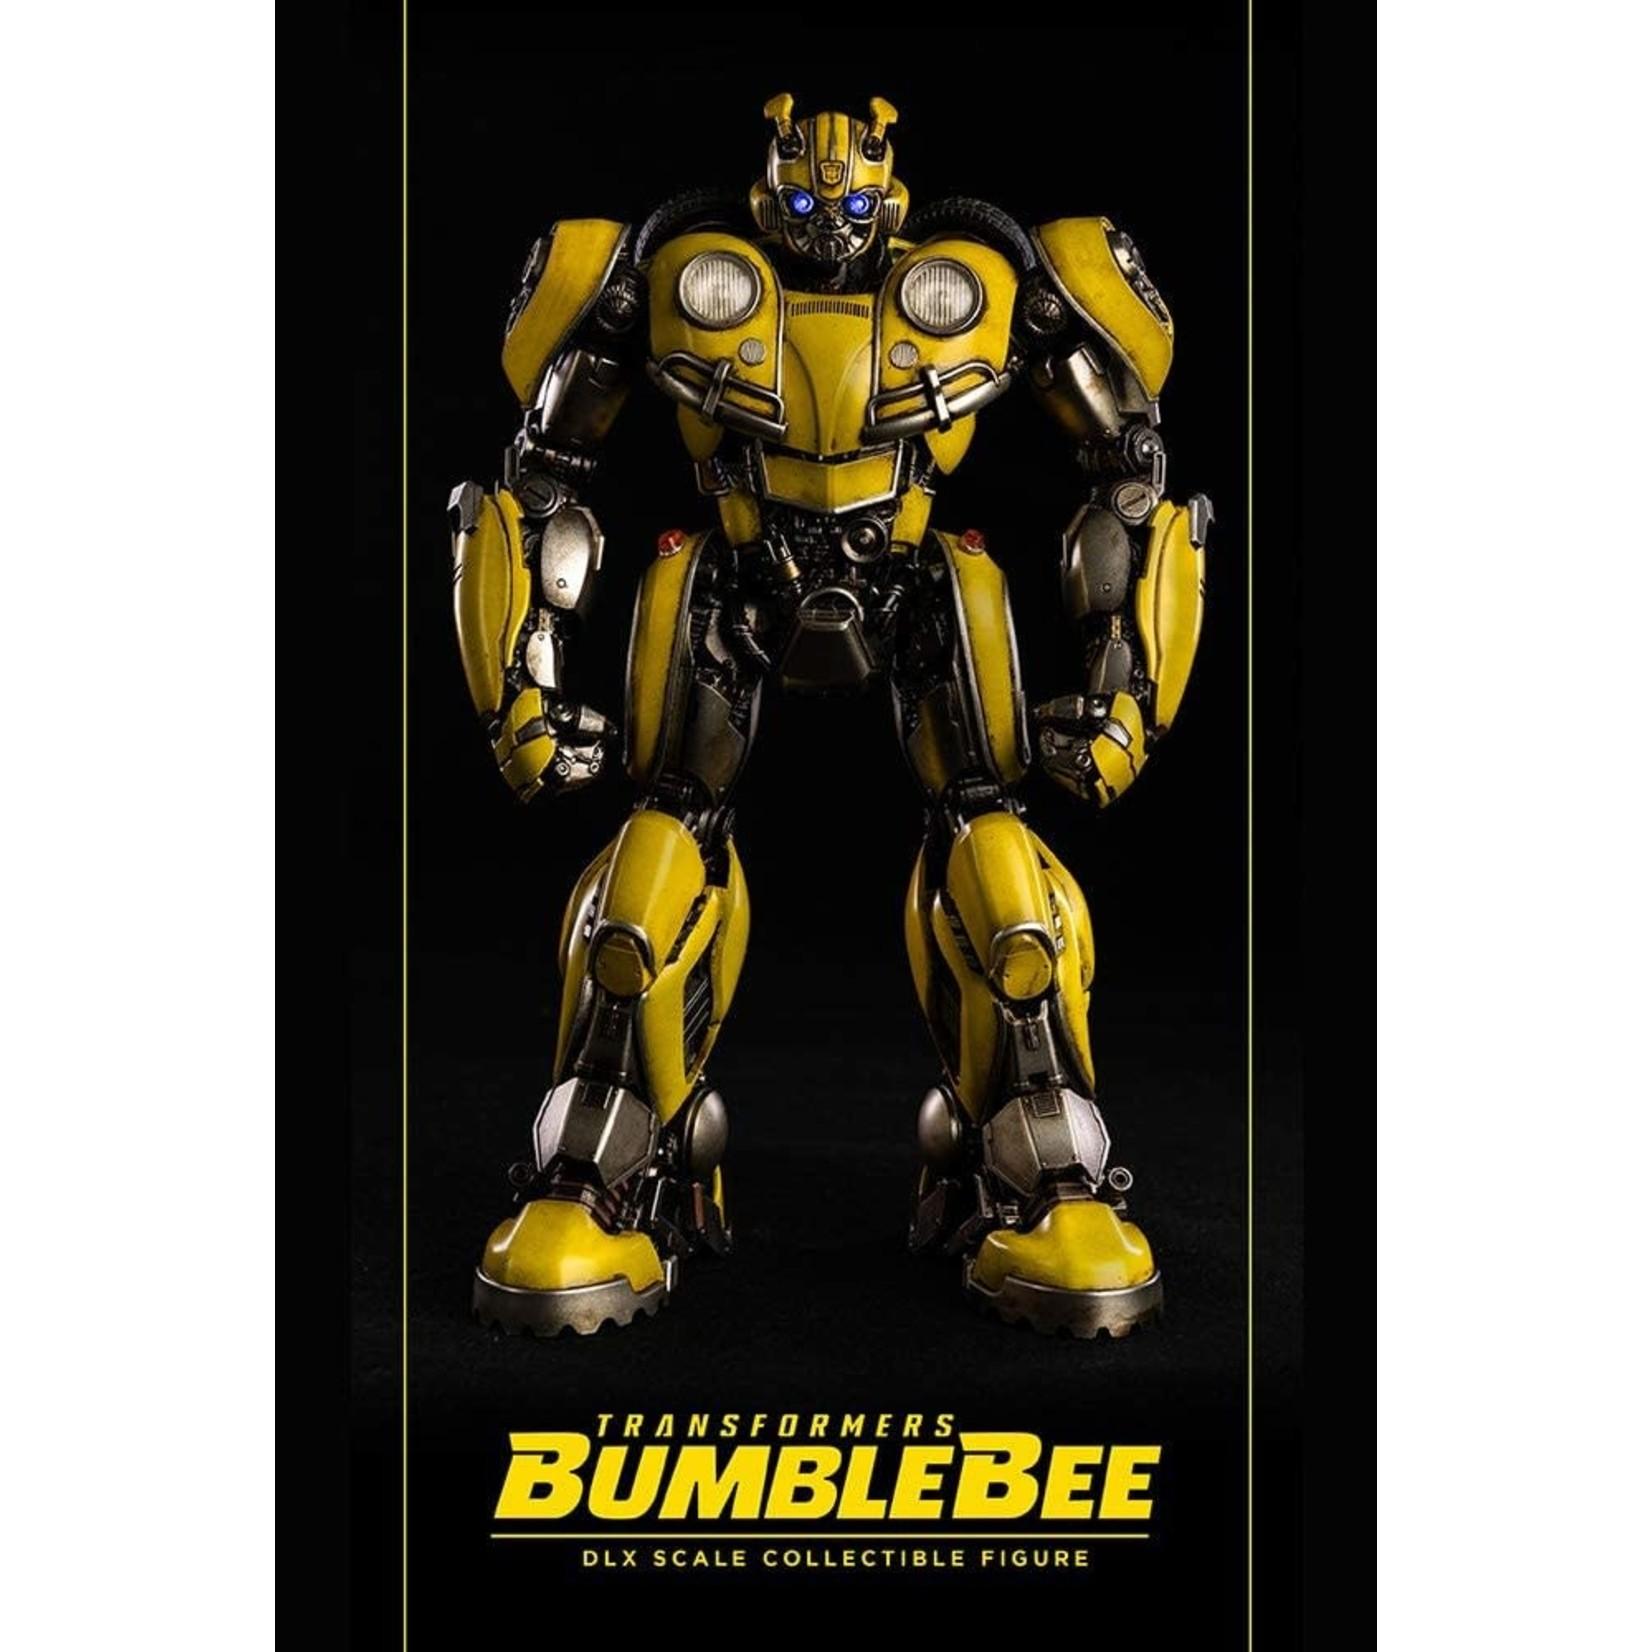 threezero Transformers Bumblebee Movie Deluxe Scale